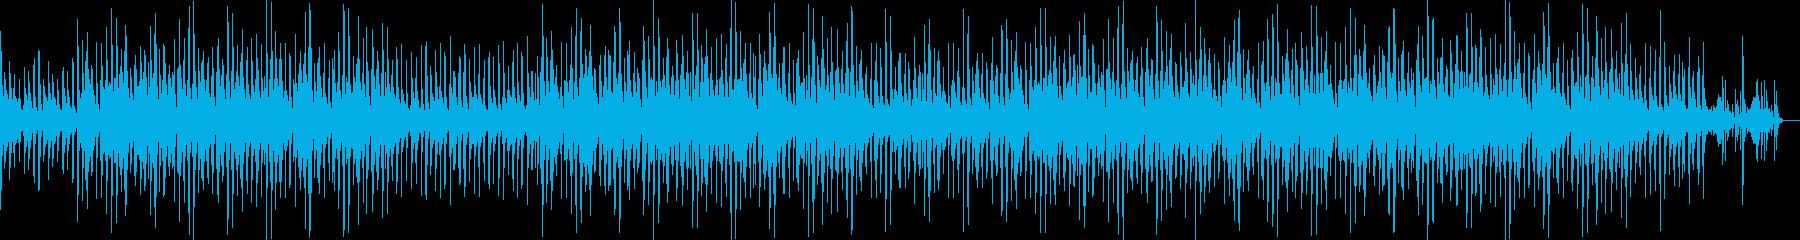 ジャズテイストBGMの再生済みの波形